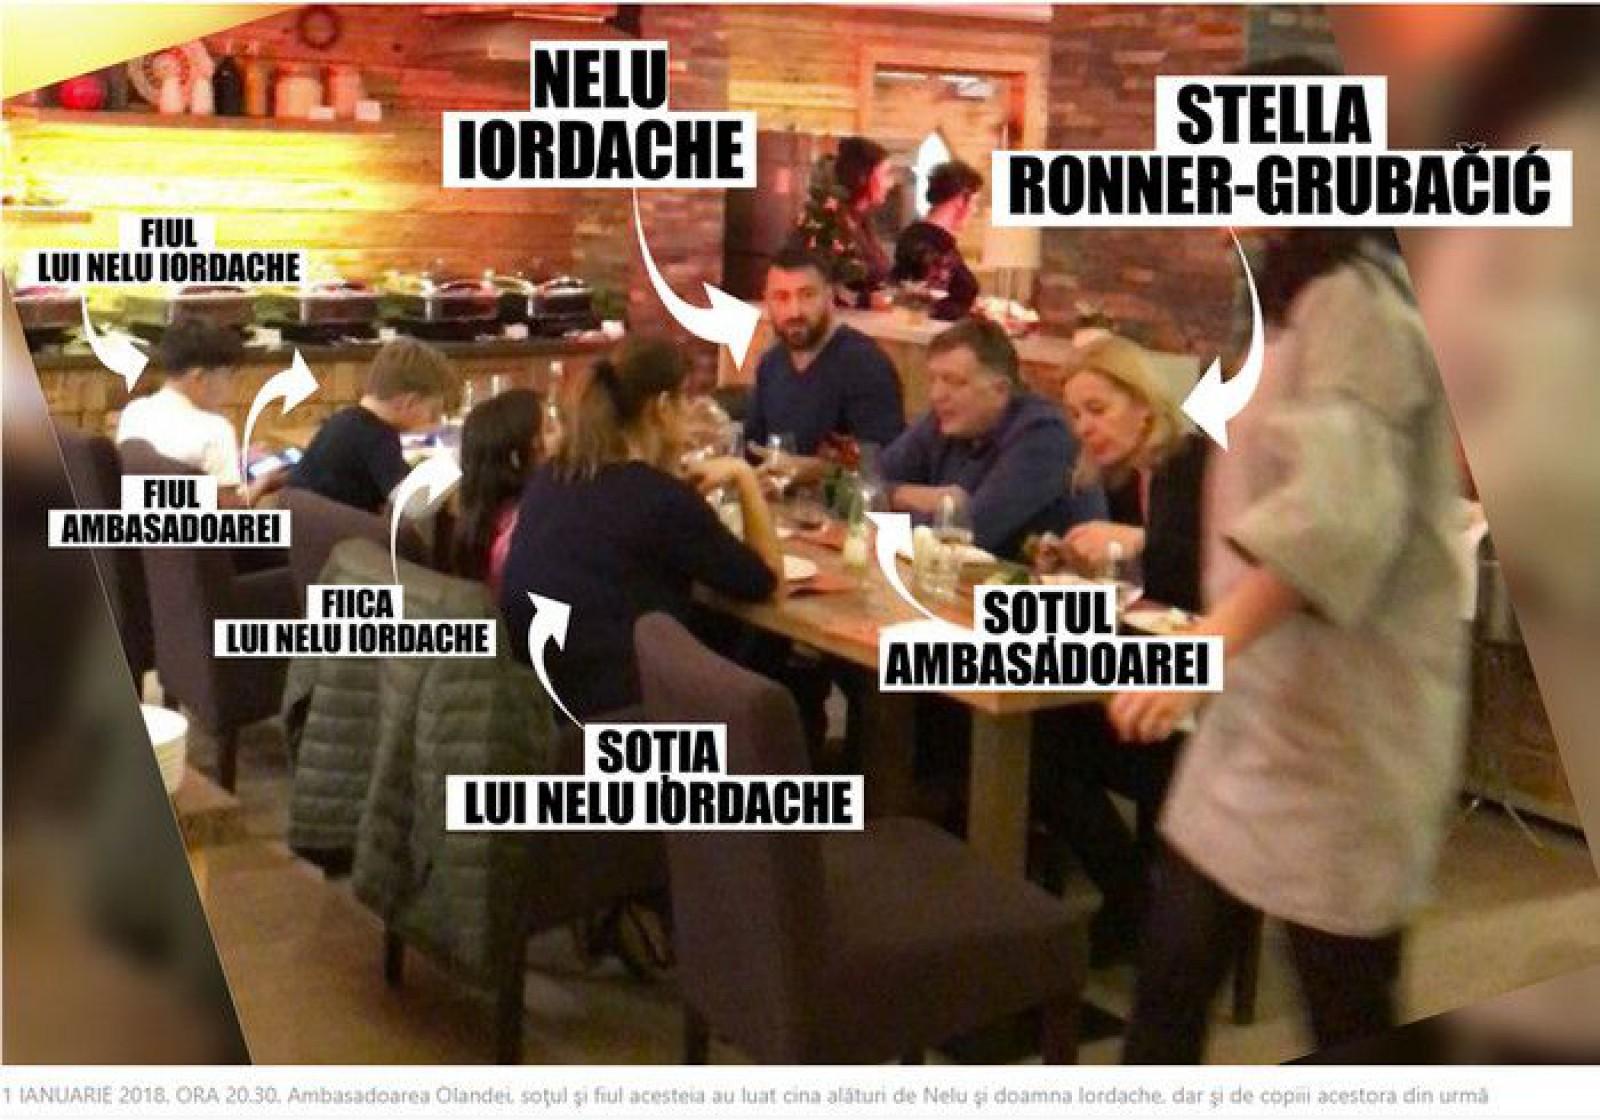 B1.ro: Amabasadoarea Olandei în România și Moldova, implicată într-un scandal la Poiana Brașov. Ar avea legături și cu Vladimir Plahotniuc